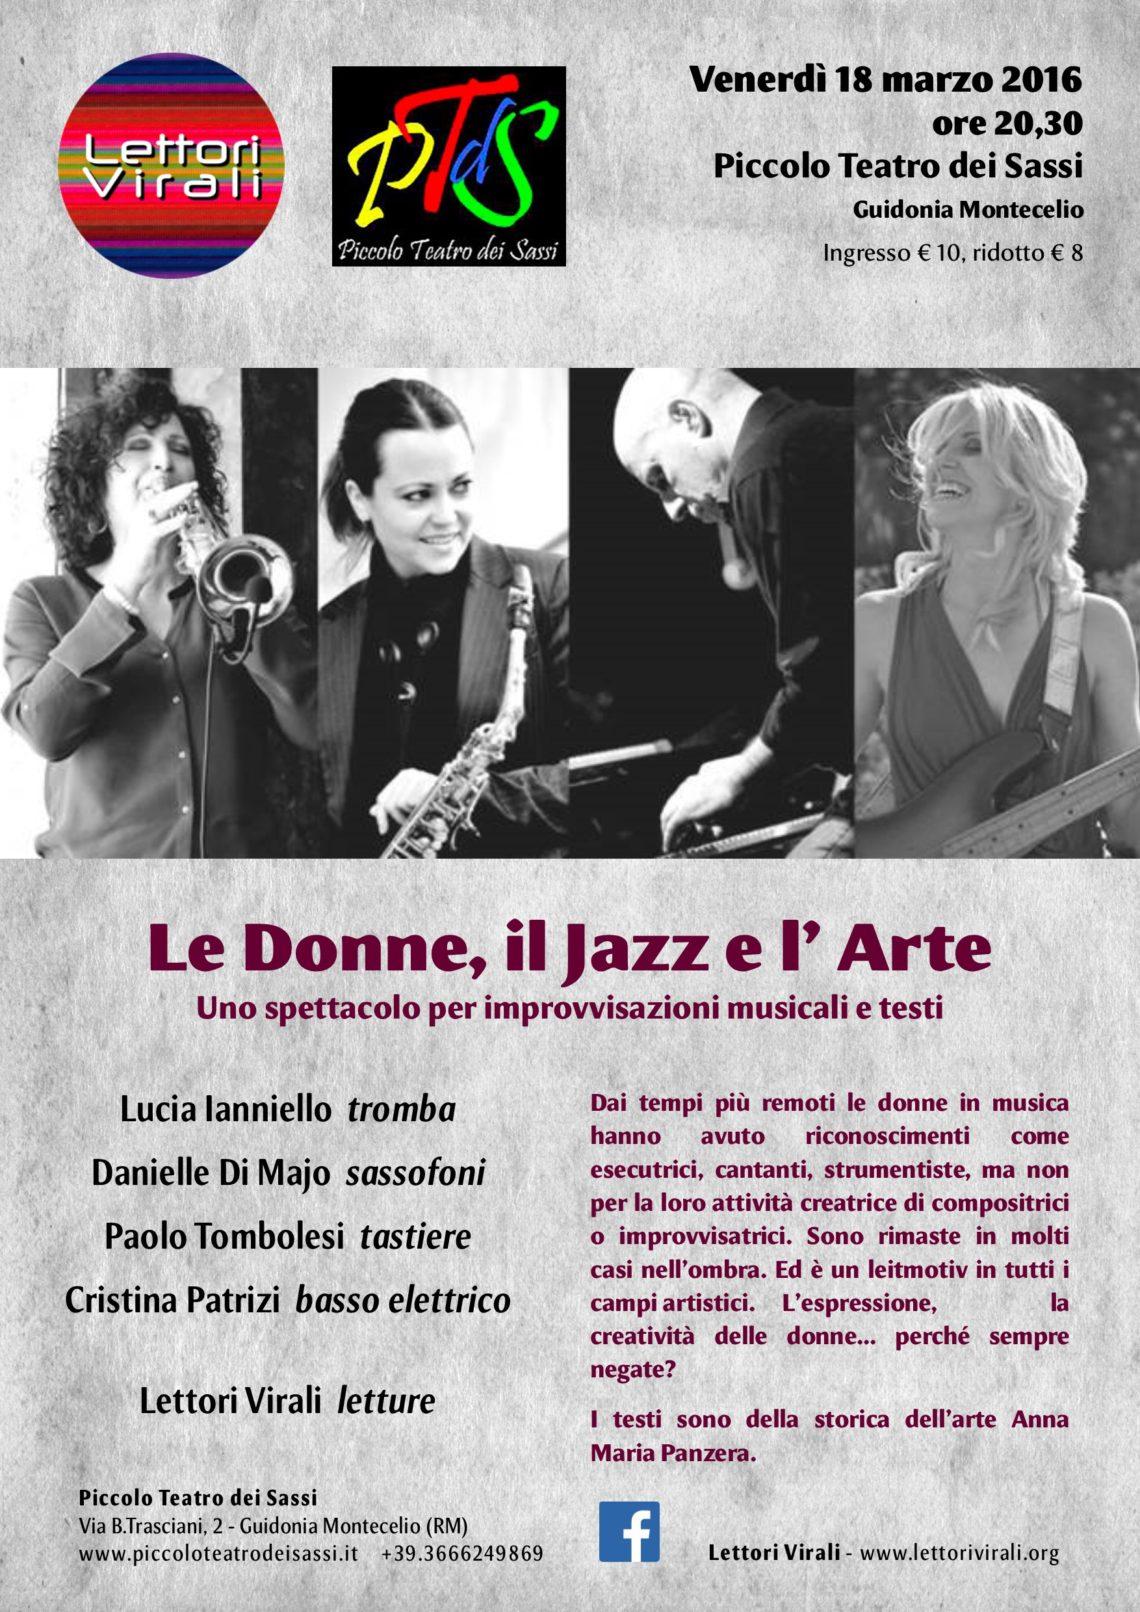 Le Donne, il Jazz e l'Arte